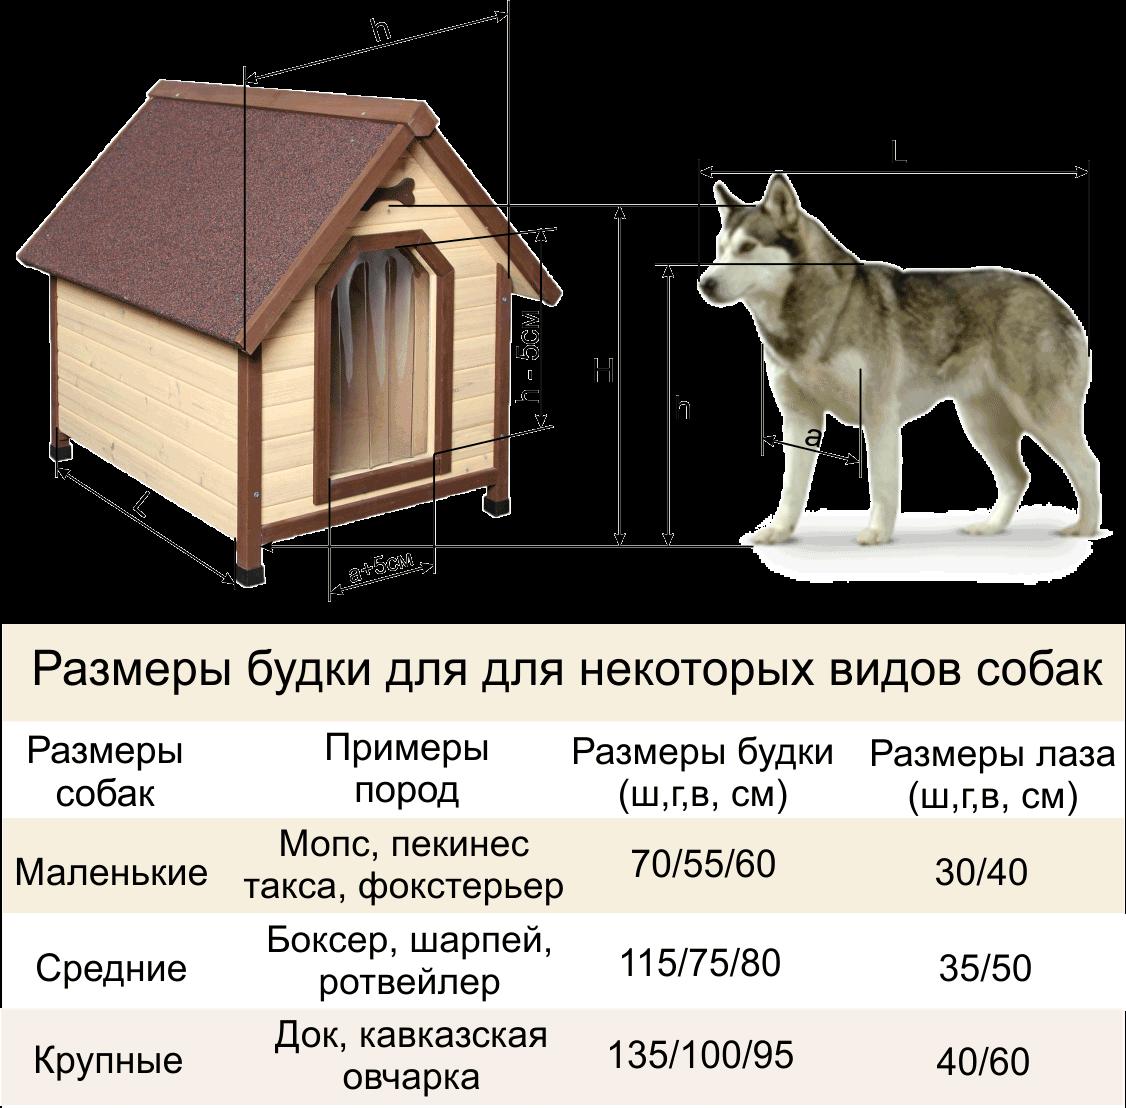 Собачий бутка